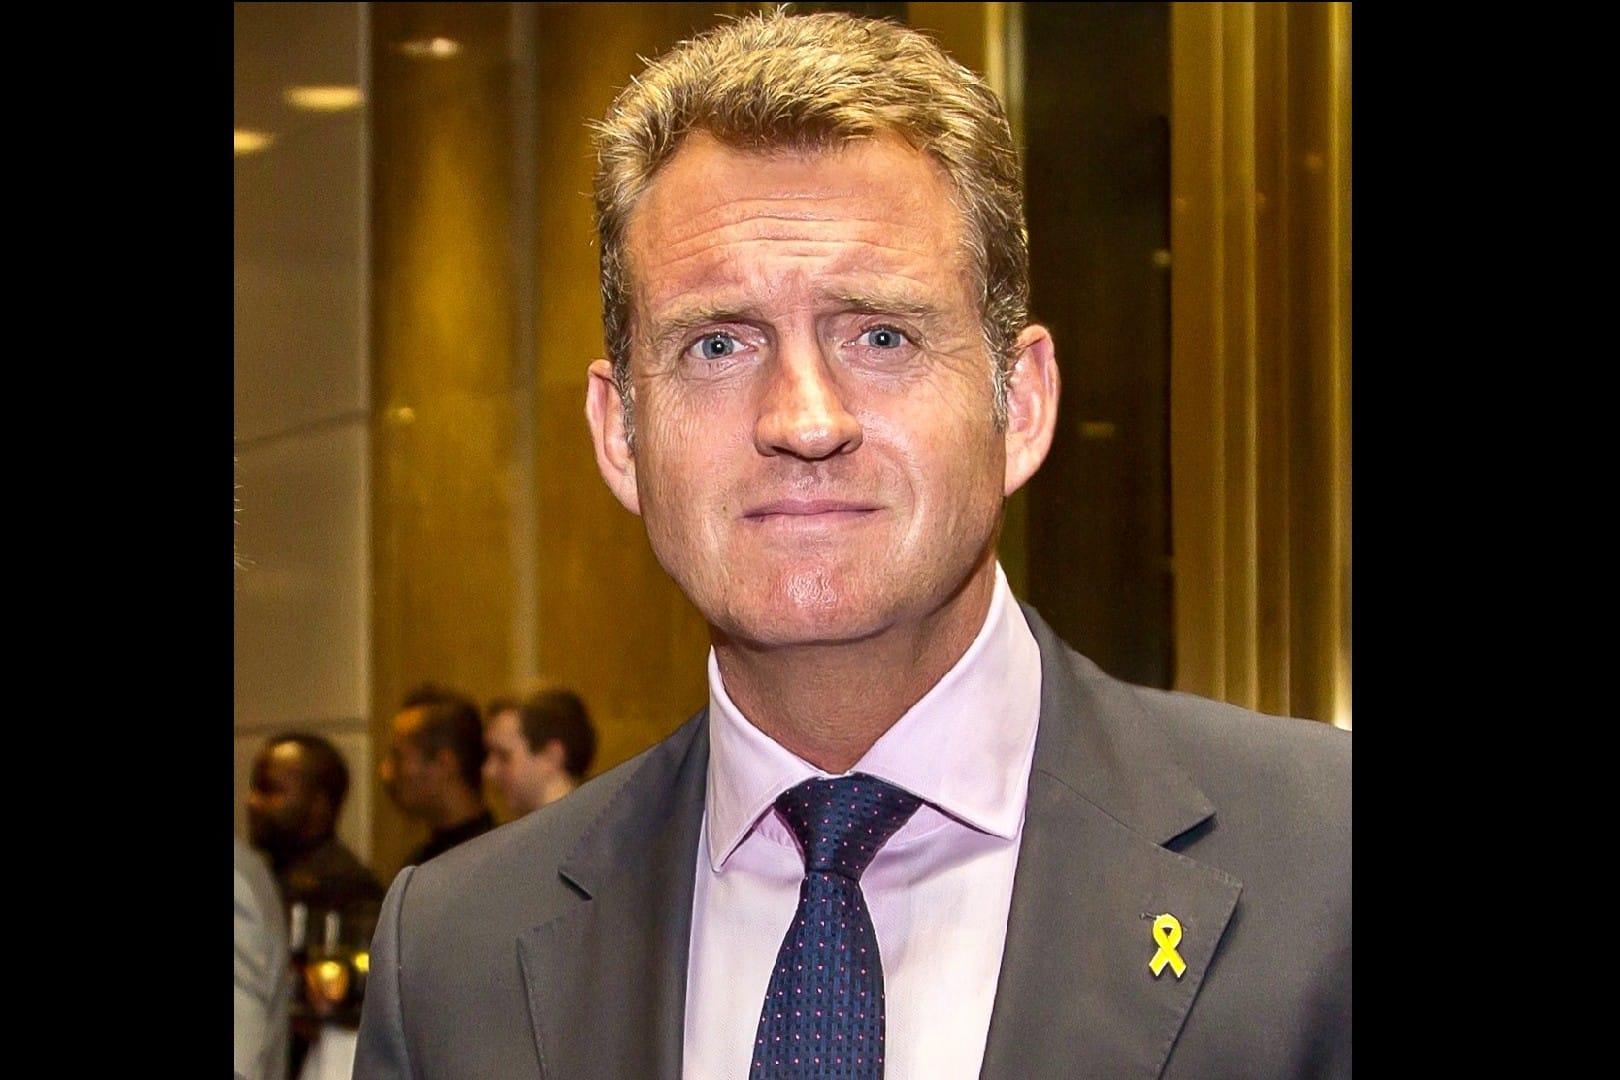 Jeff Doyle joins Australian Road Research Board (ARRB)